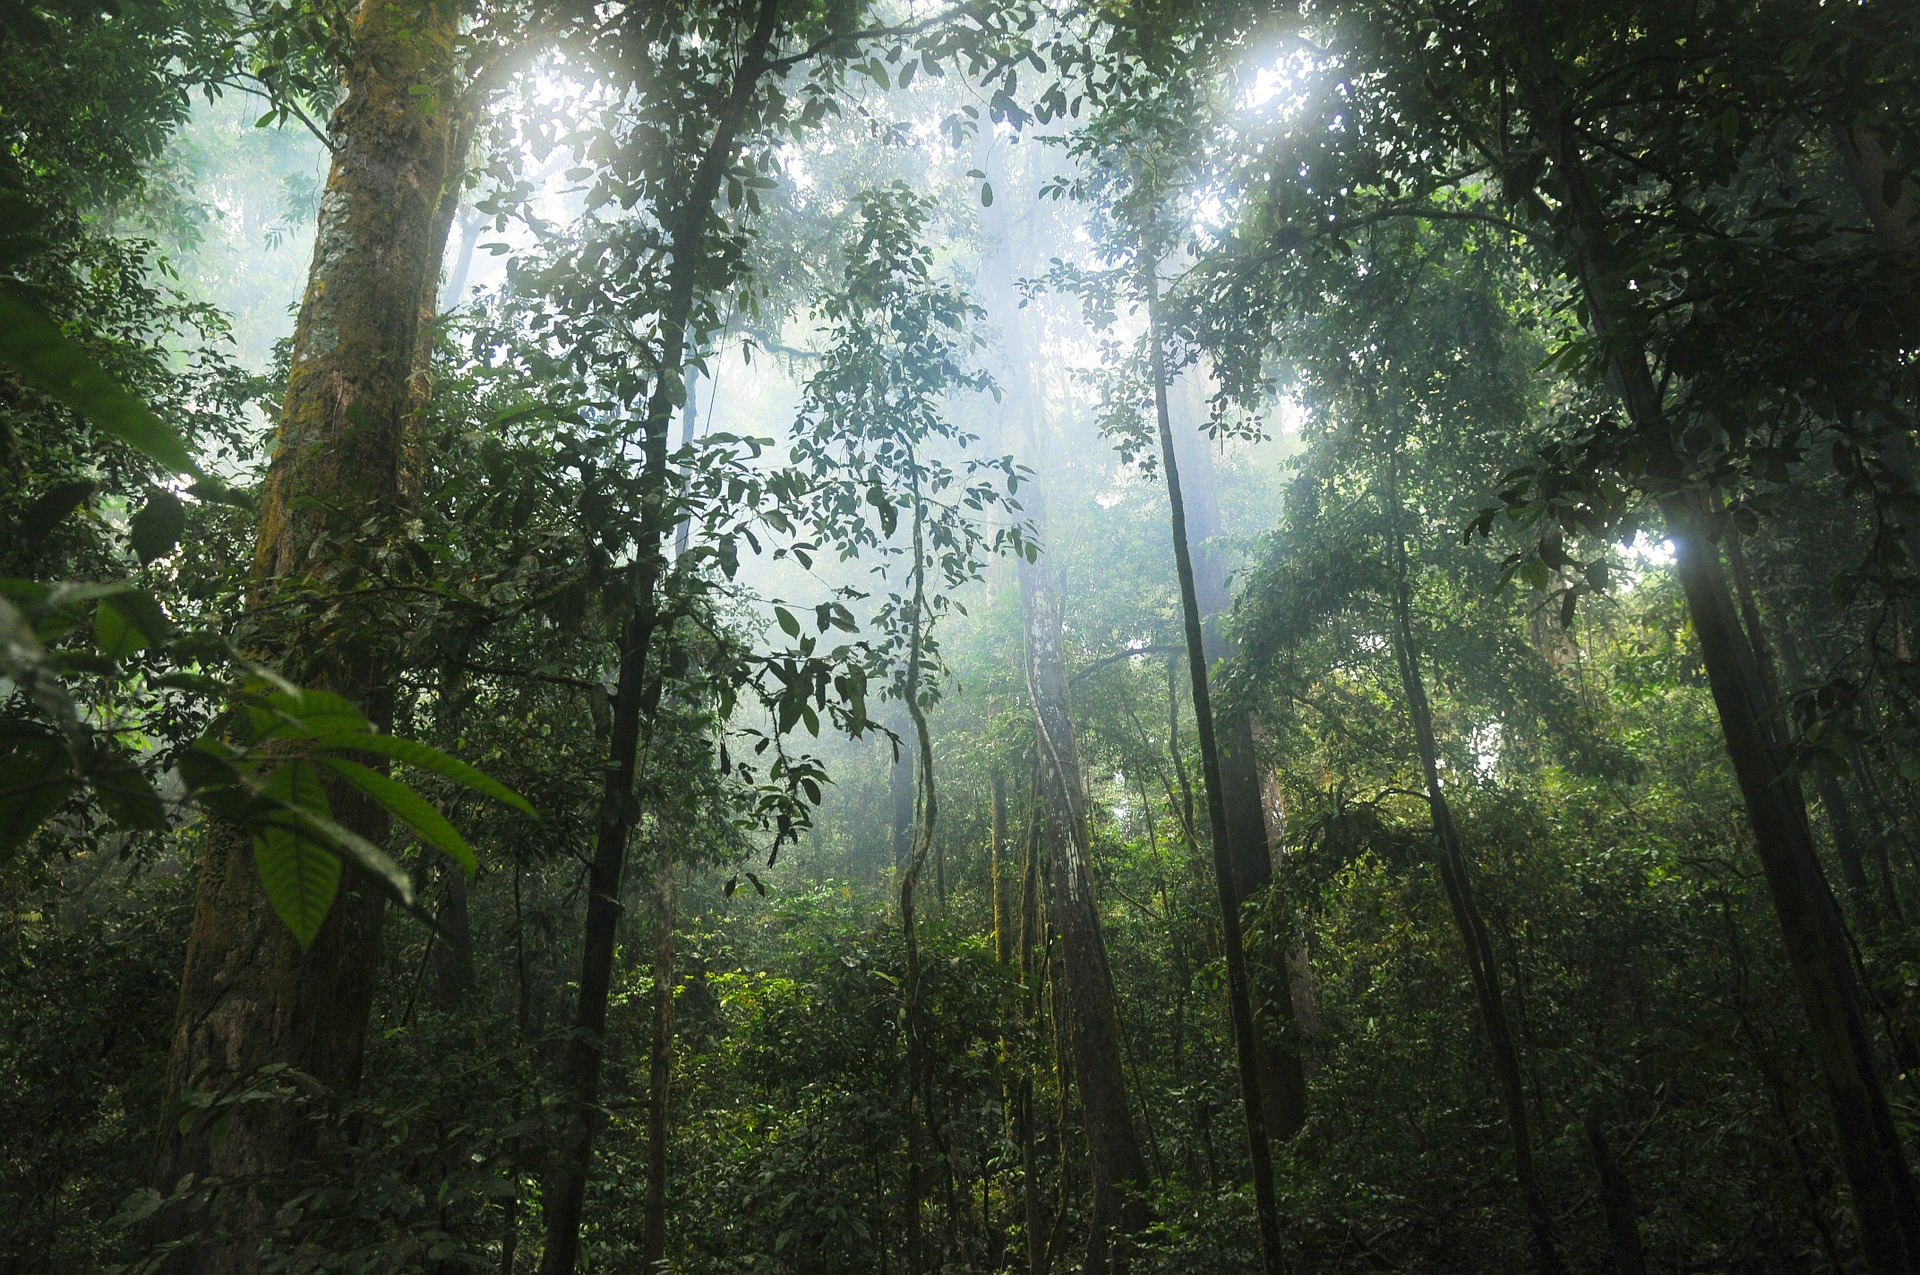 jungle-601542_1920